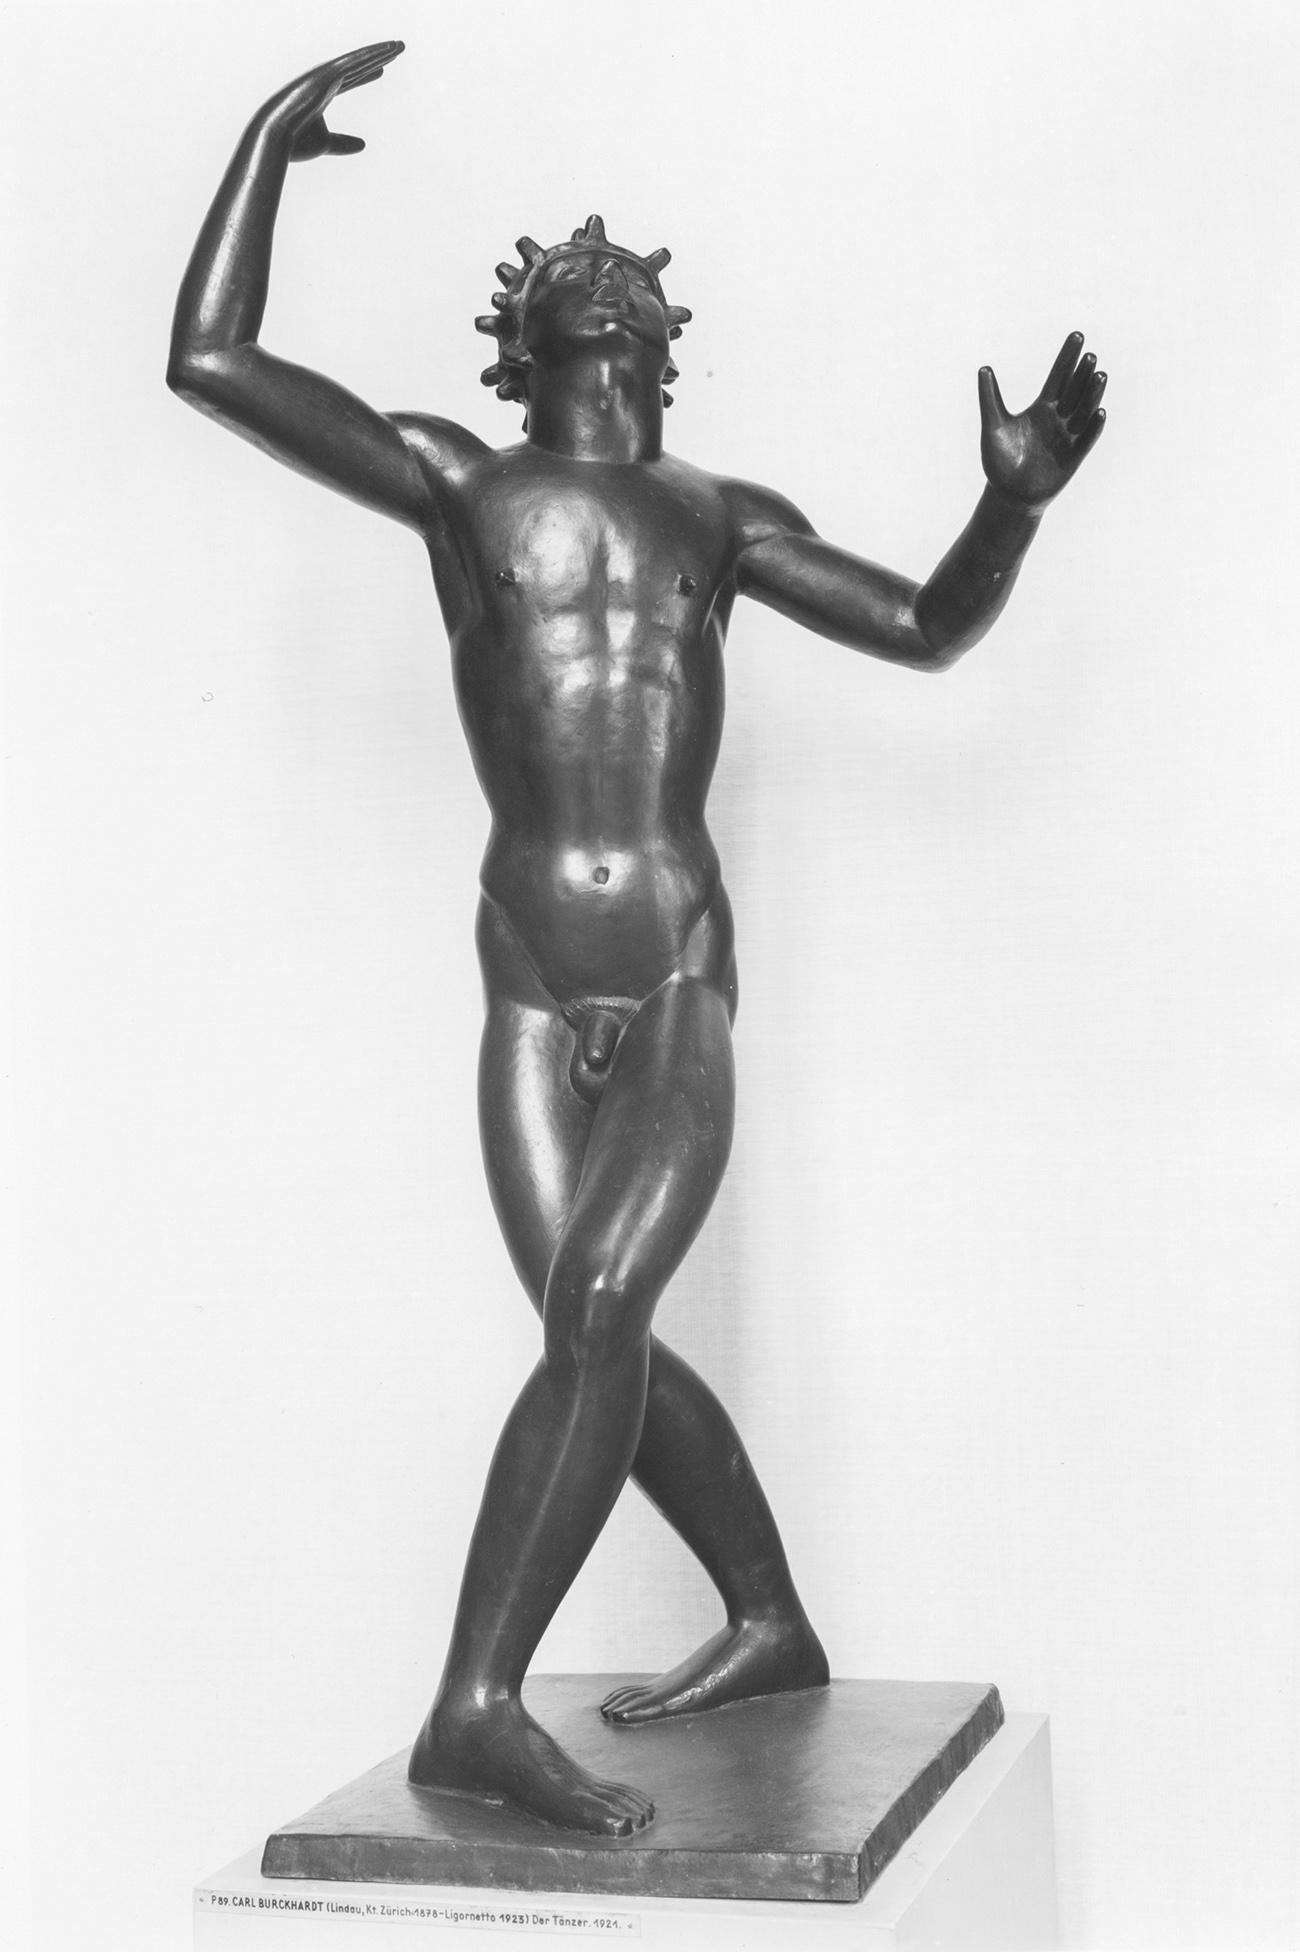 Carl Burckhardt, Der Tänzer, 1922, Kunstmuseum Basel